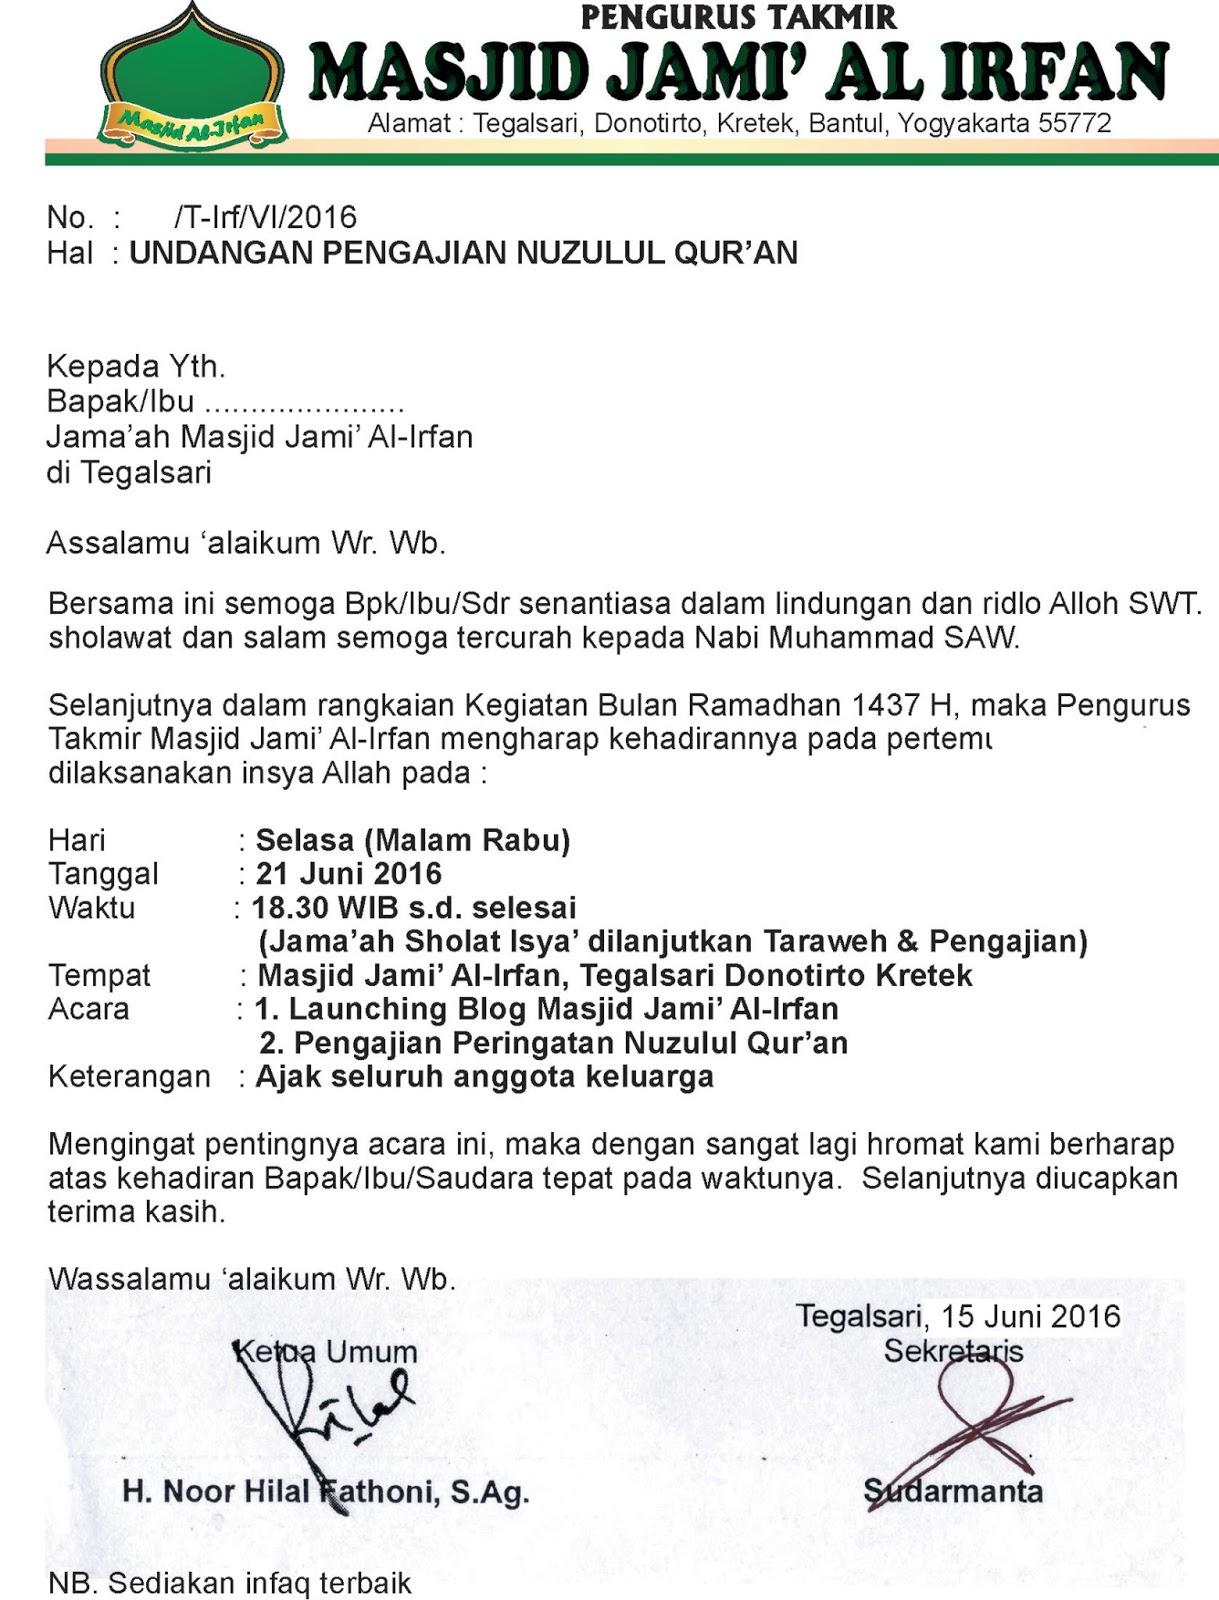 Contoh Surat Undangan Acara Nuzulul Quran Suratmenyurat Net